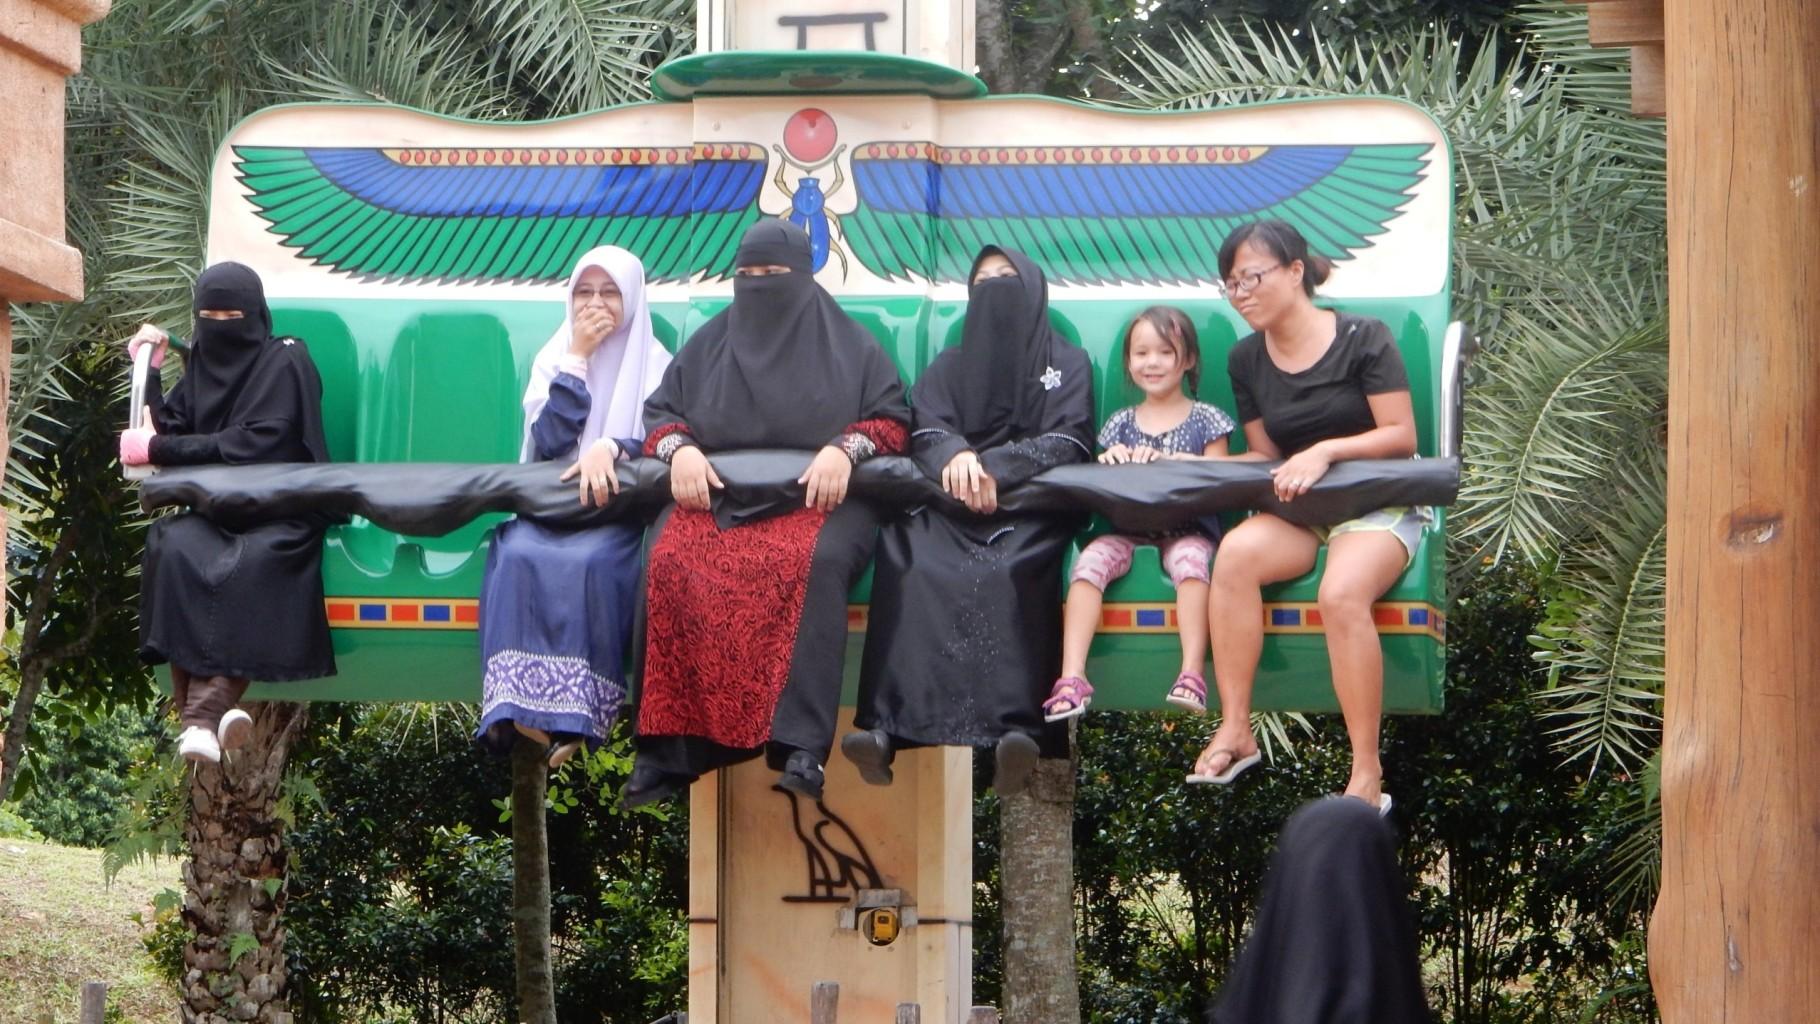 Beatle Bounce Legoland Malaysia